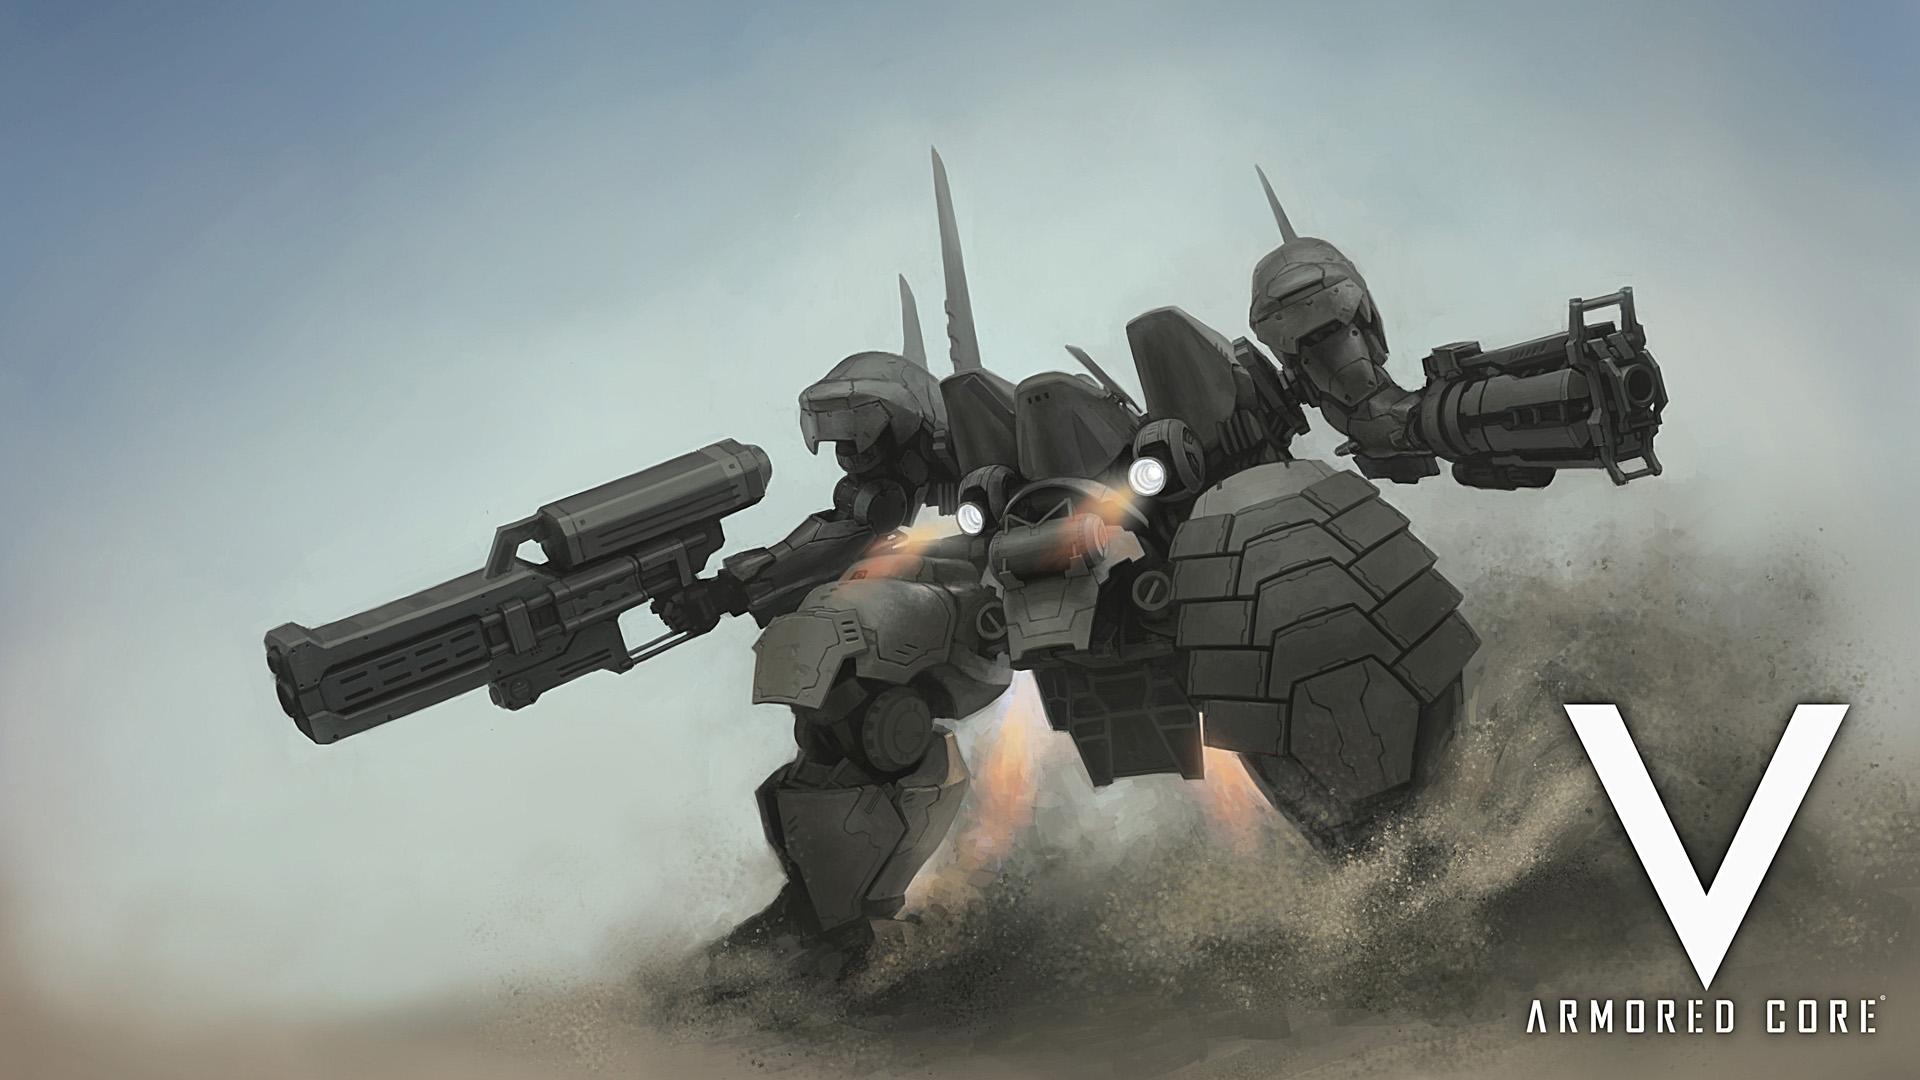 Armored Core V wallpaper 1